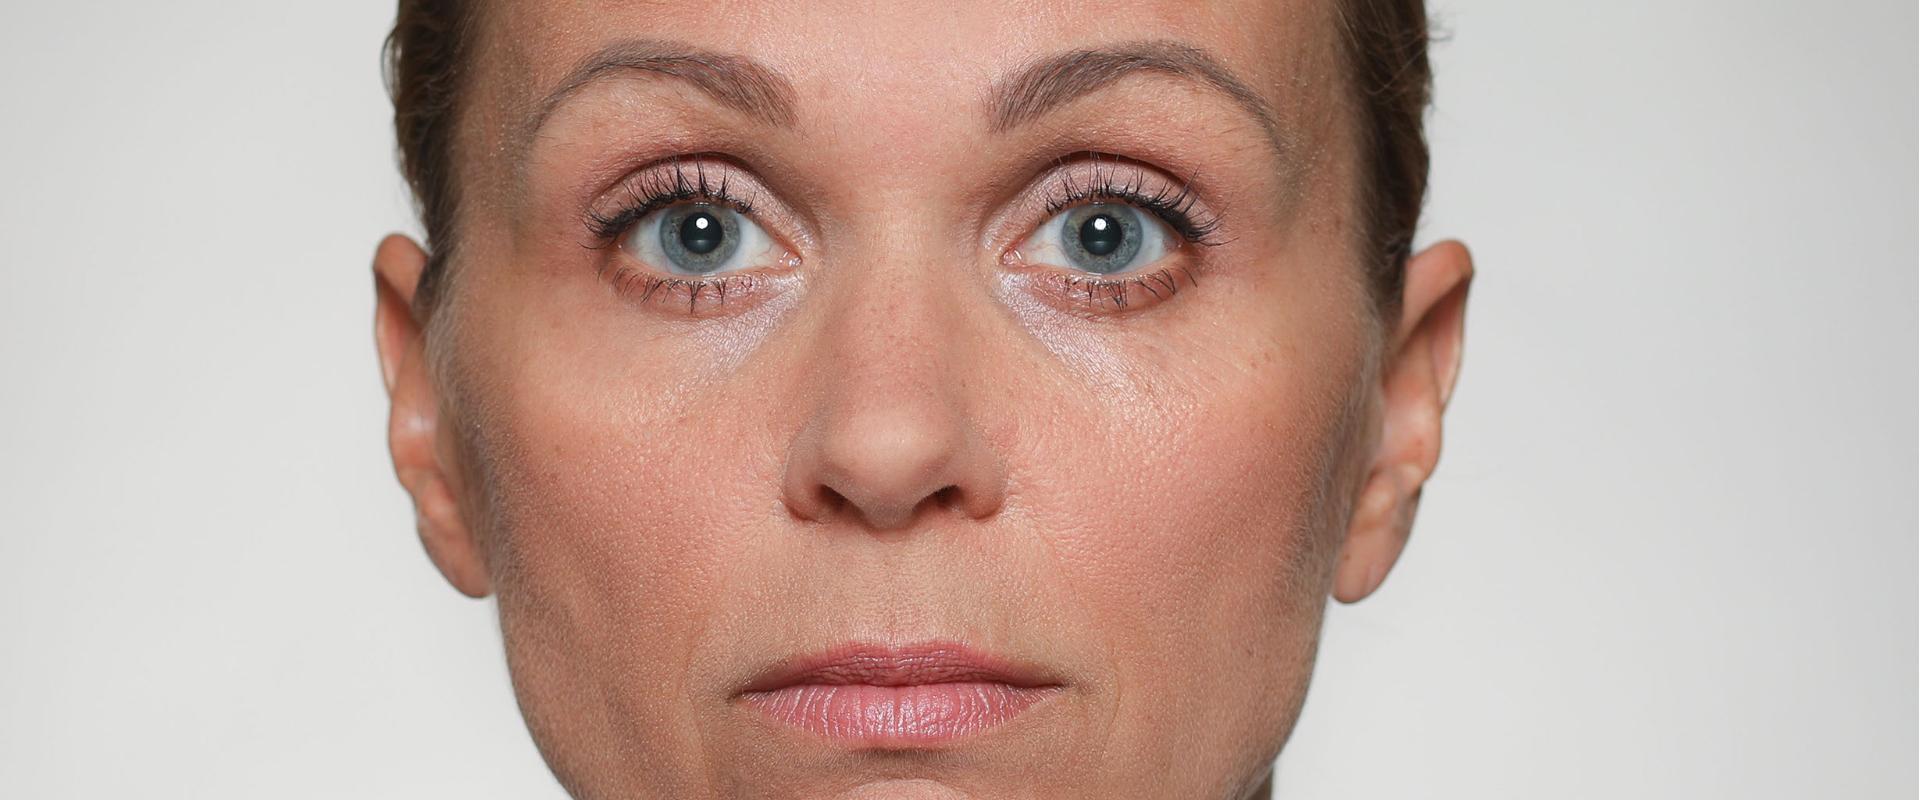 Augenbrauen hochziehen